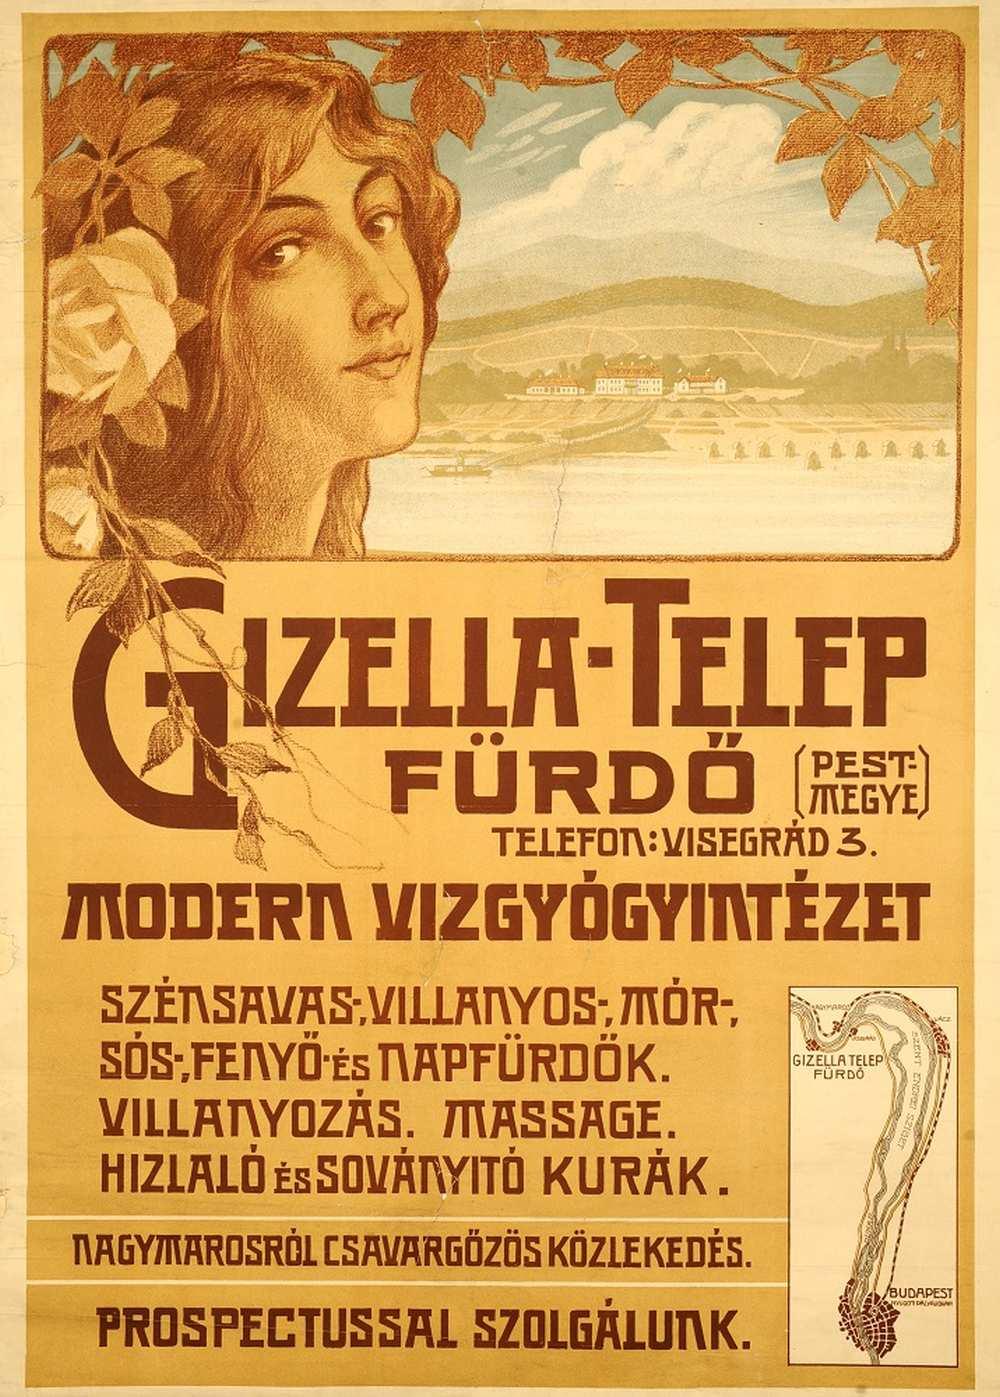 Gizella-Telep fürdő – Térkép-, Plakát- és Kisnyomtatványtár. Jelzet: PKG.1914e/426 http://nektar.oszk.hu/hu/manifestation/2771648